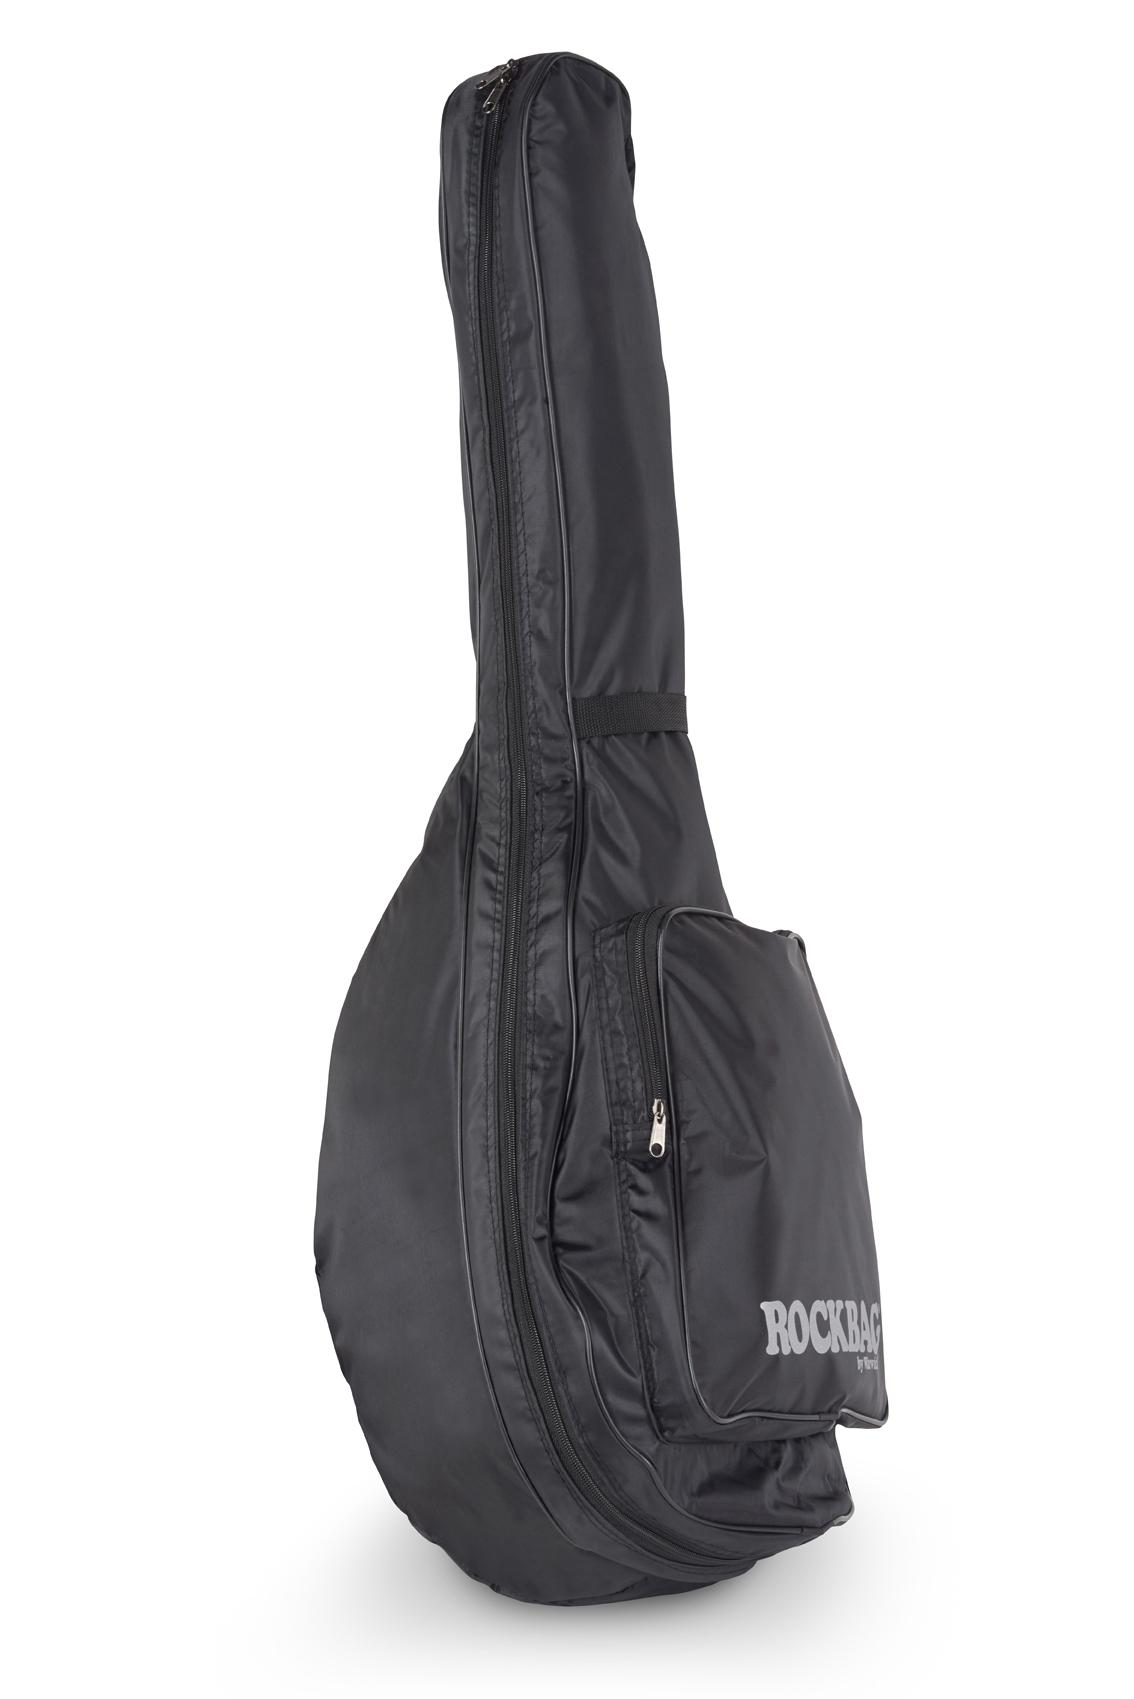 Rockbag RB 20320 B